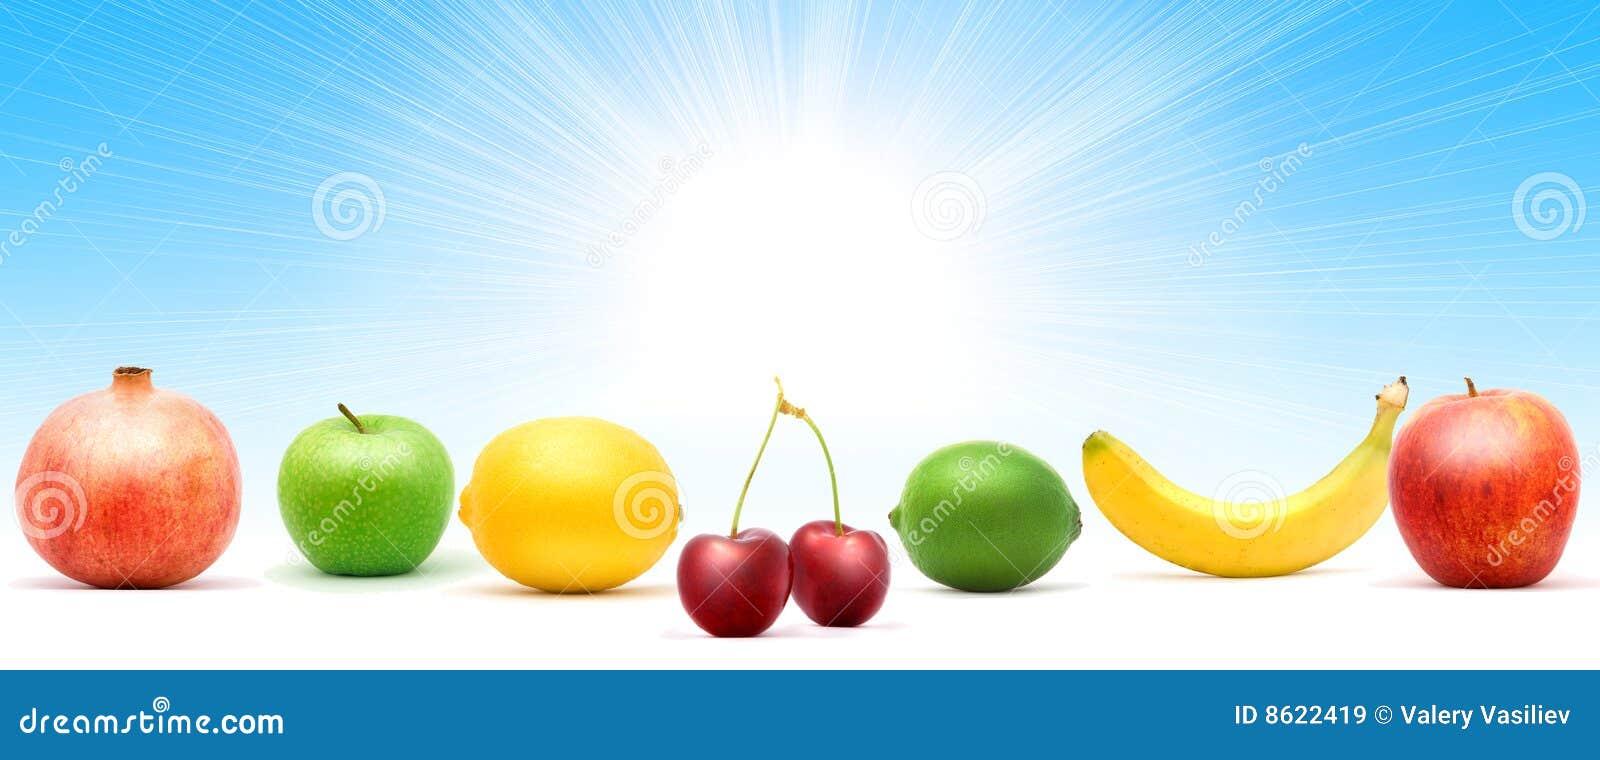 Fruktstapel